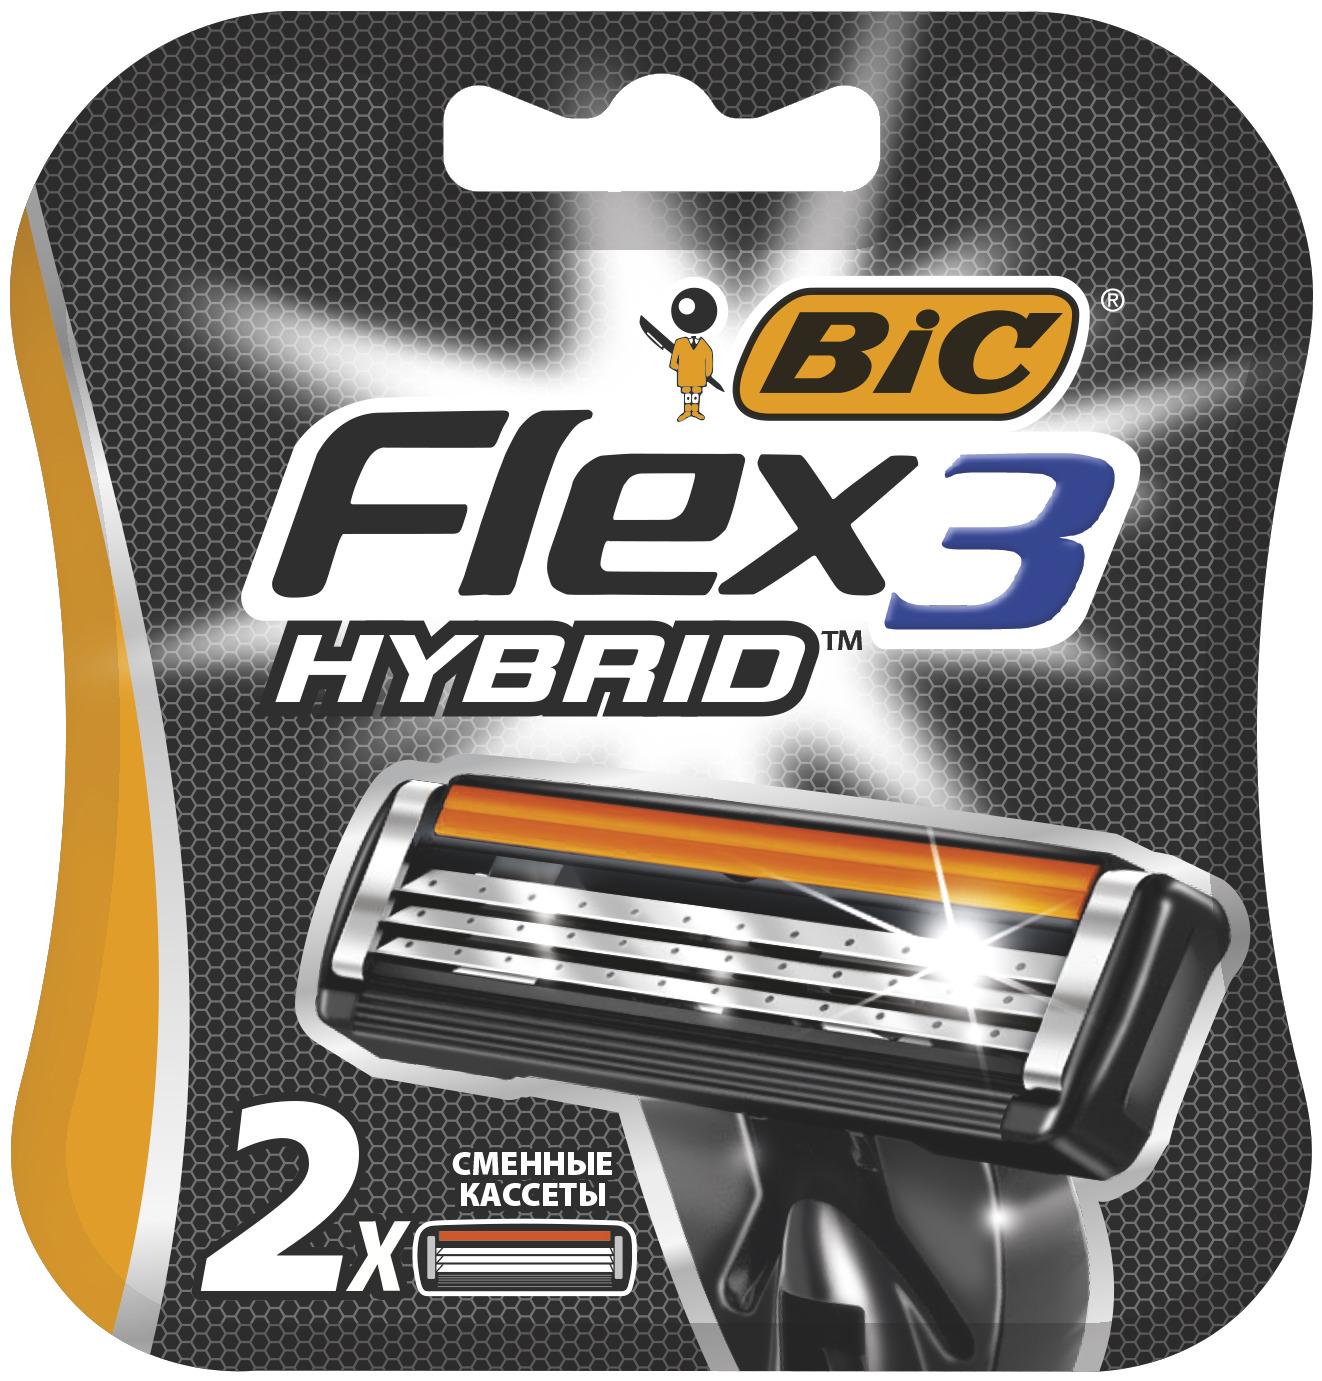 Сменные кассеты BIC Flex 3 Hybrid